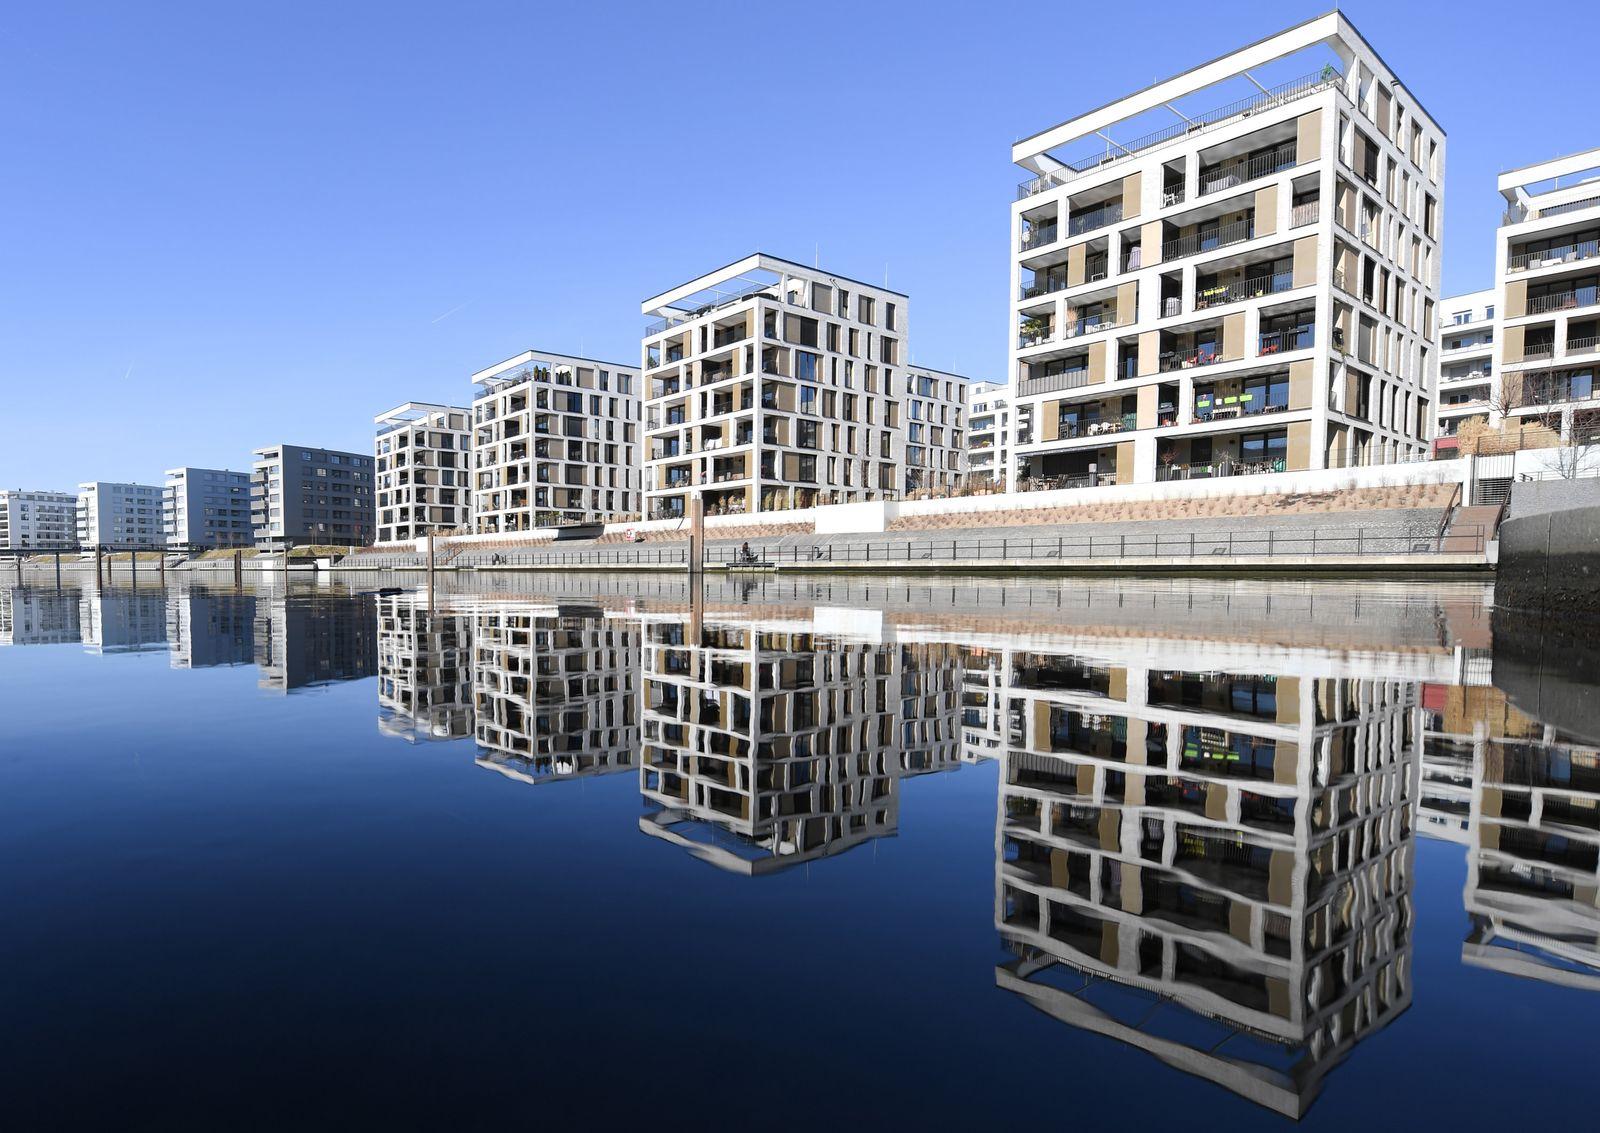 Immobilien: Kein Ende der Preisspirale in Sicht